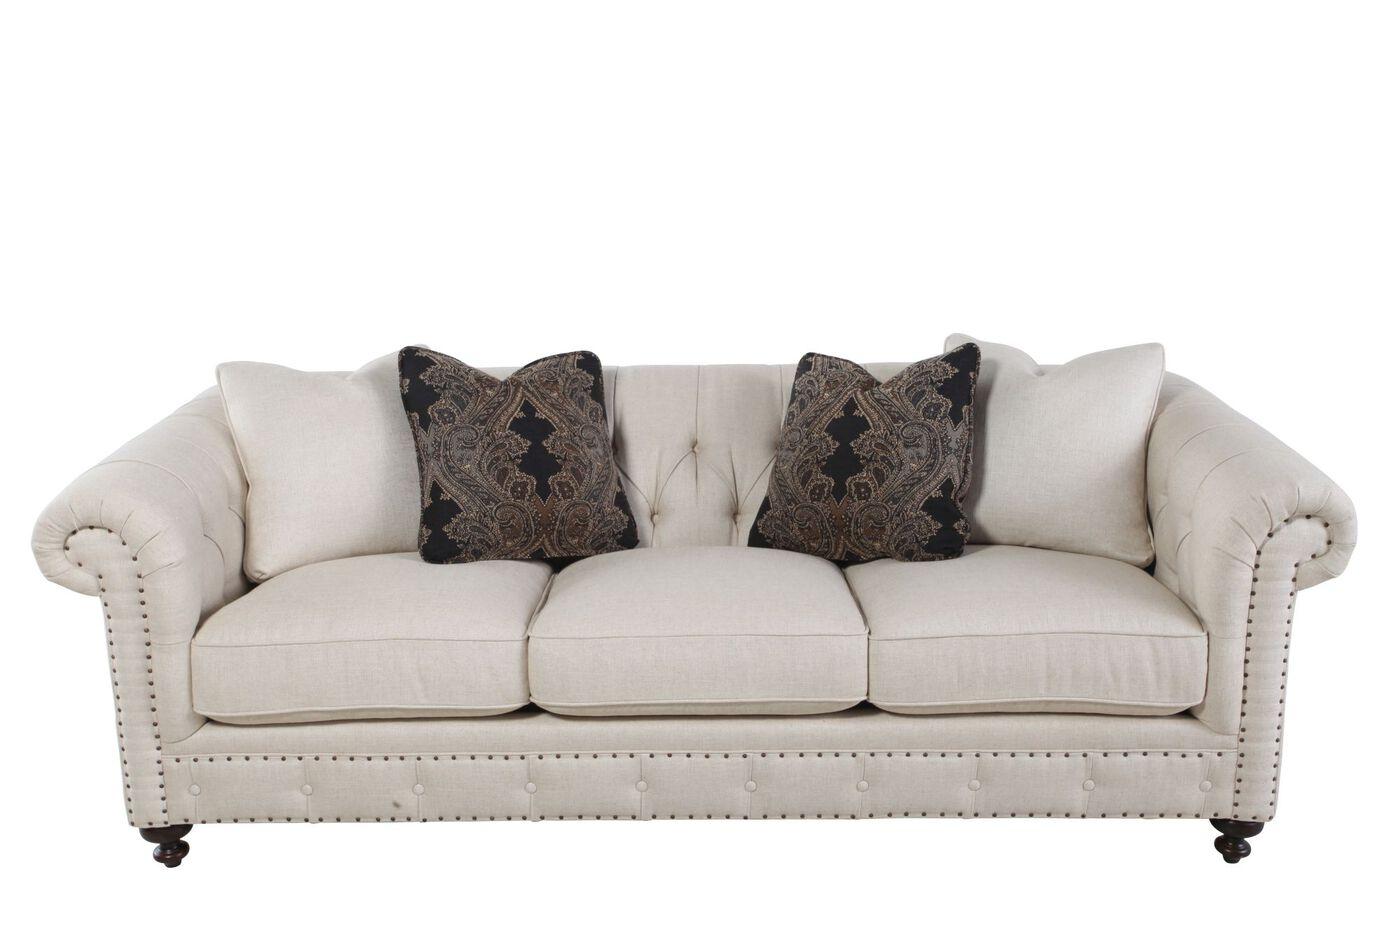 European Classic Button Tufted Sofa In Cream Mathis